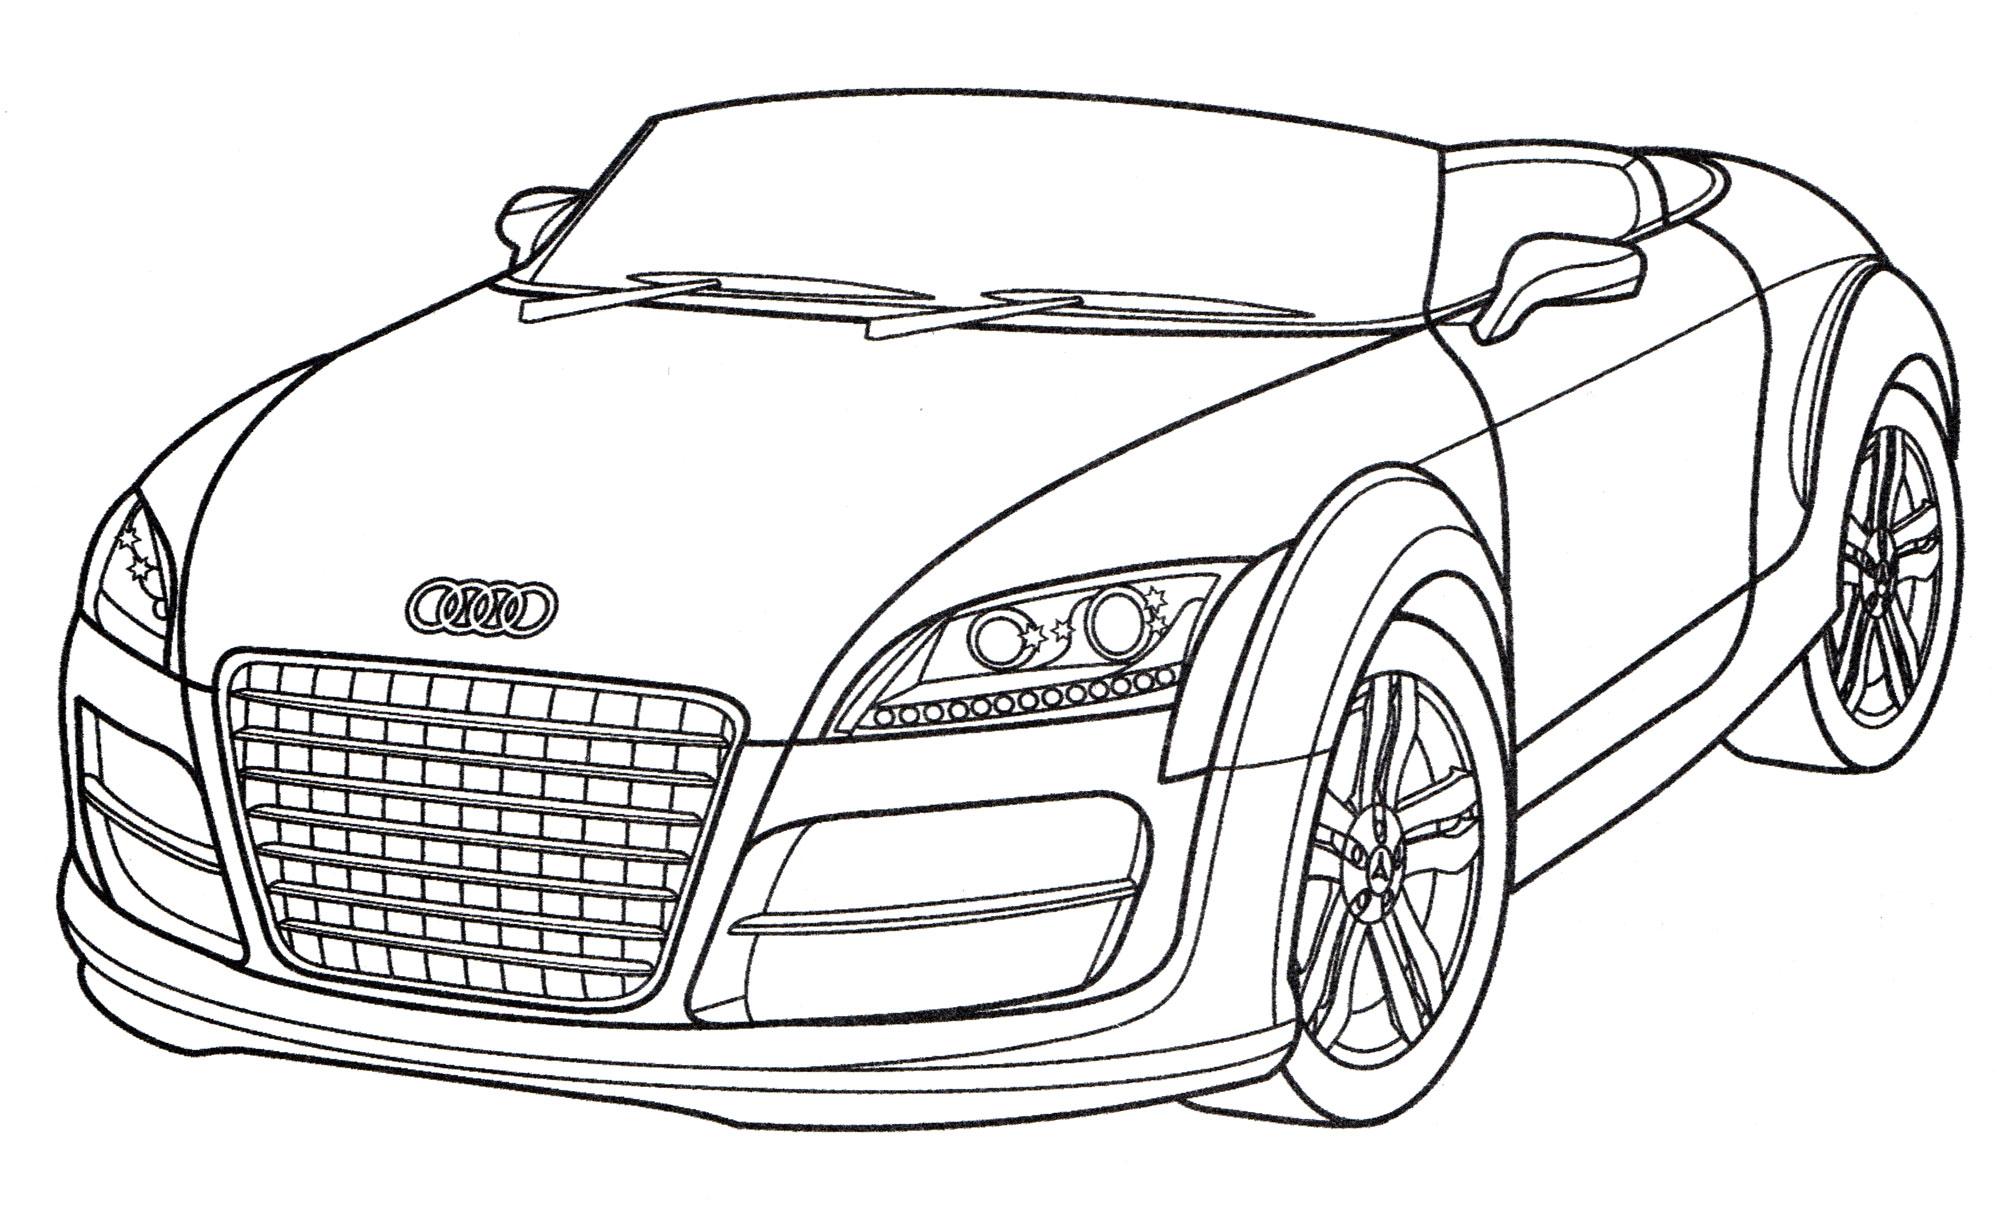 раскраска Audi Tt распечатать бесплатно